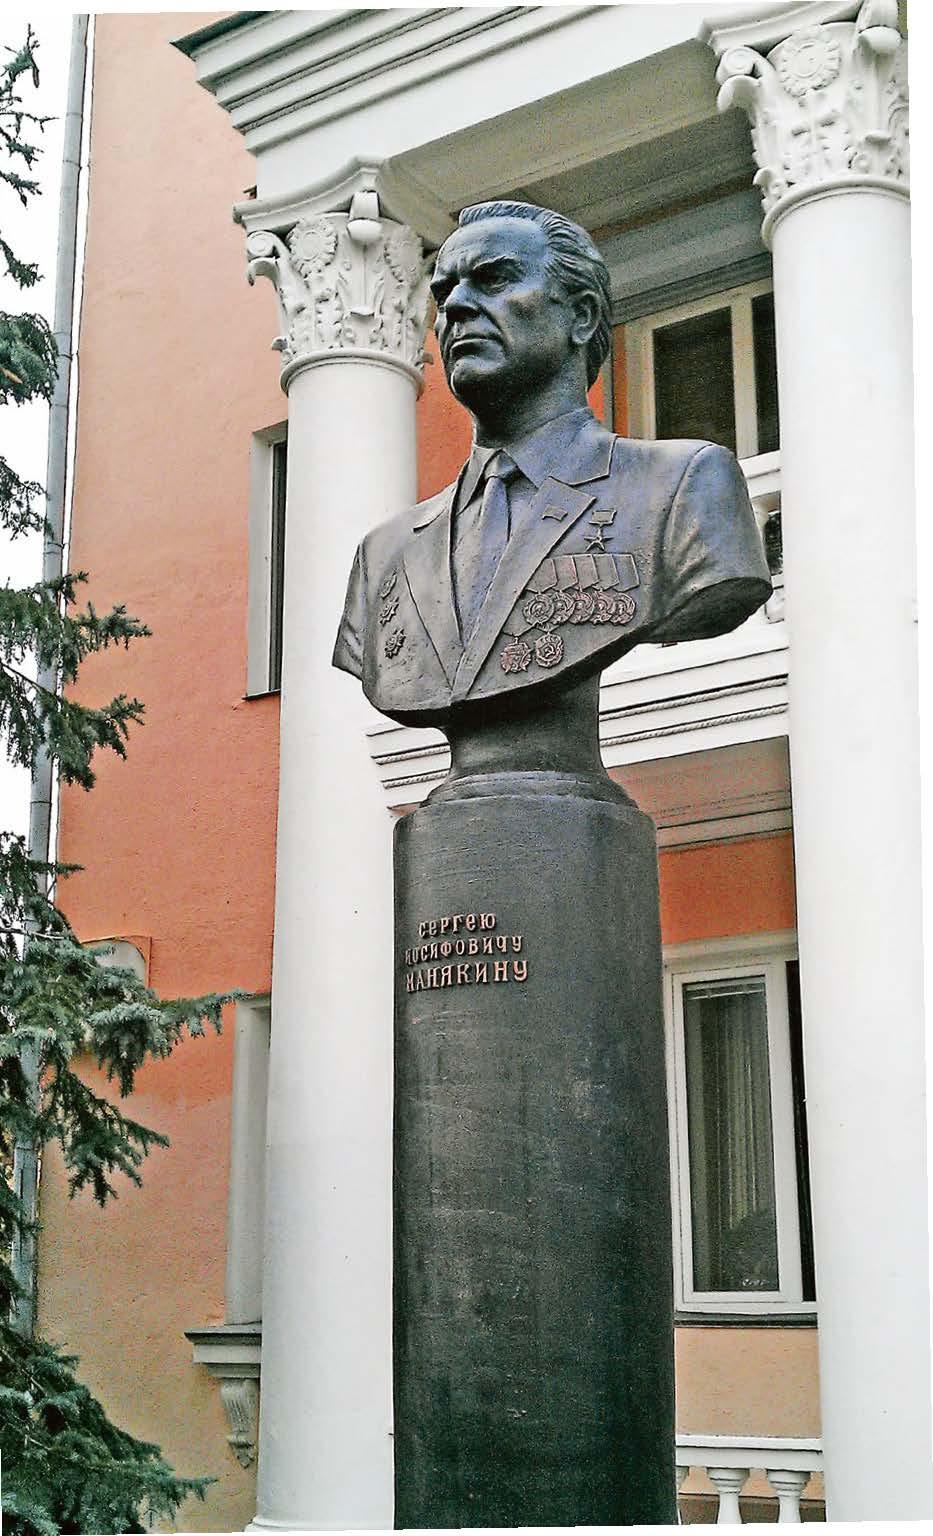 Бюст политика Сергея Манякина в Омске